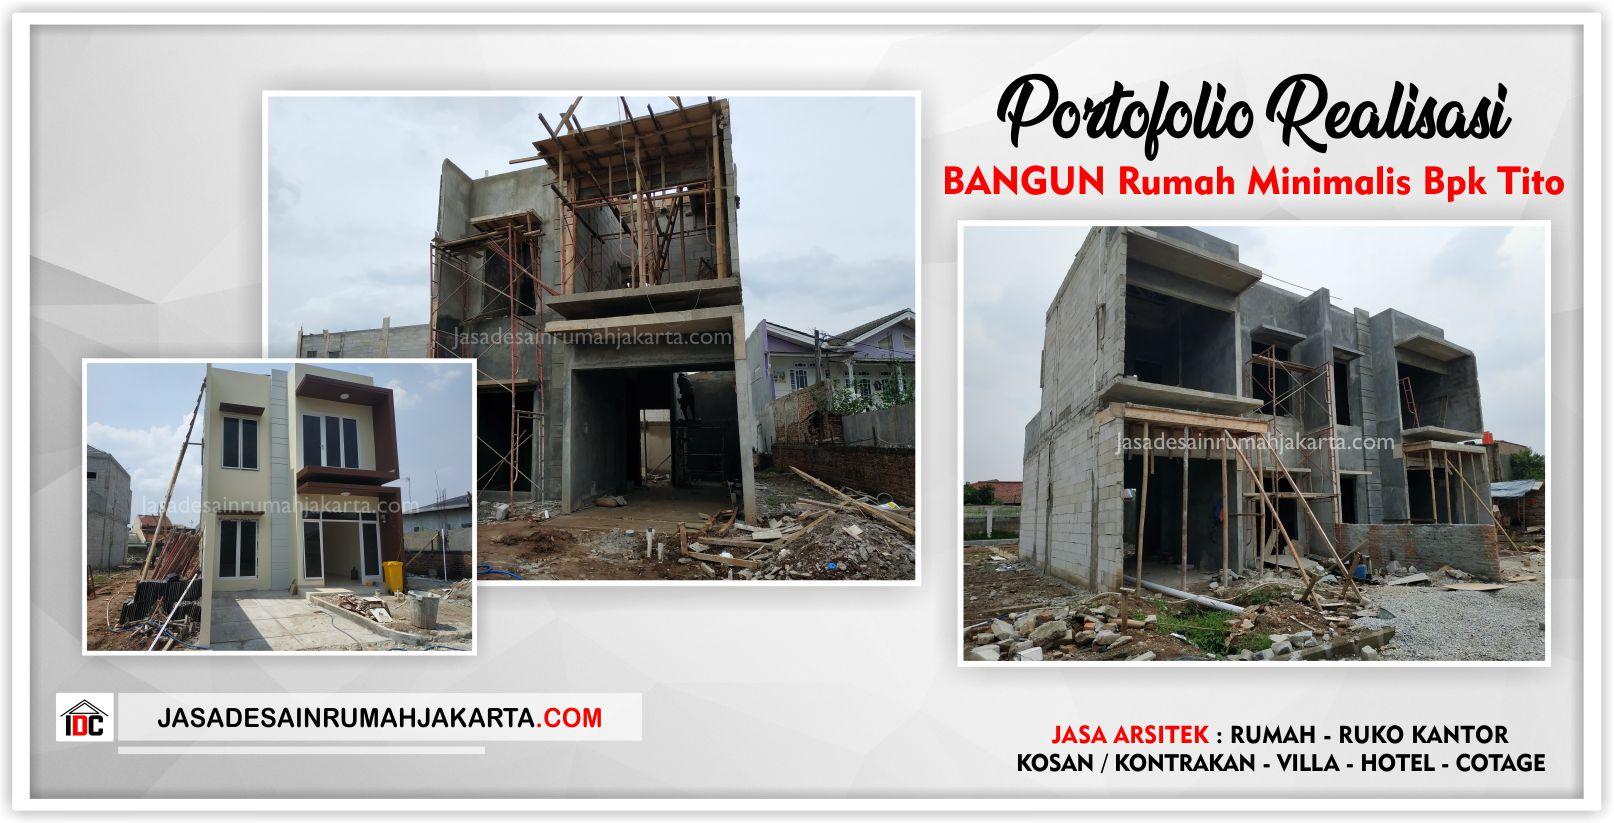 Portofolio Realisasi Rumah Bpk Tito-Arsitek Gambar Desain Rumah Klasik Modern Di Bekasi-Jakarta-Surabaya-Tangerang-Bandung-Depok-Jasa Konsultan Desain Arsitek